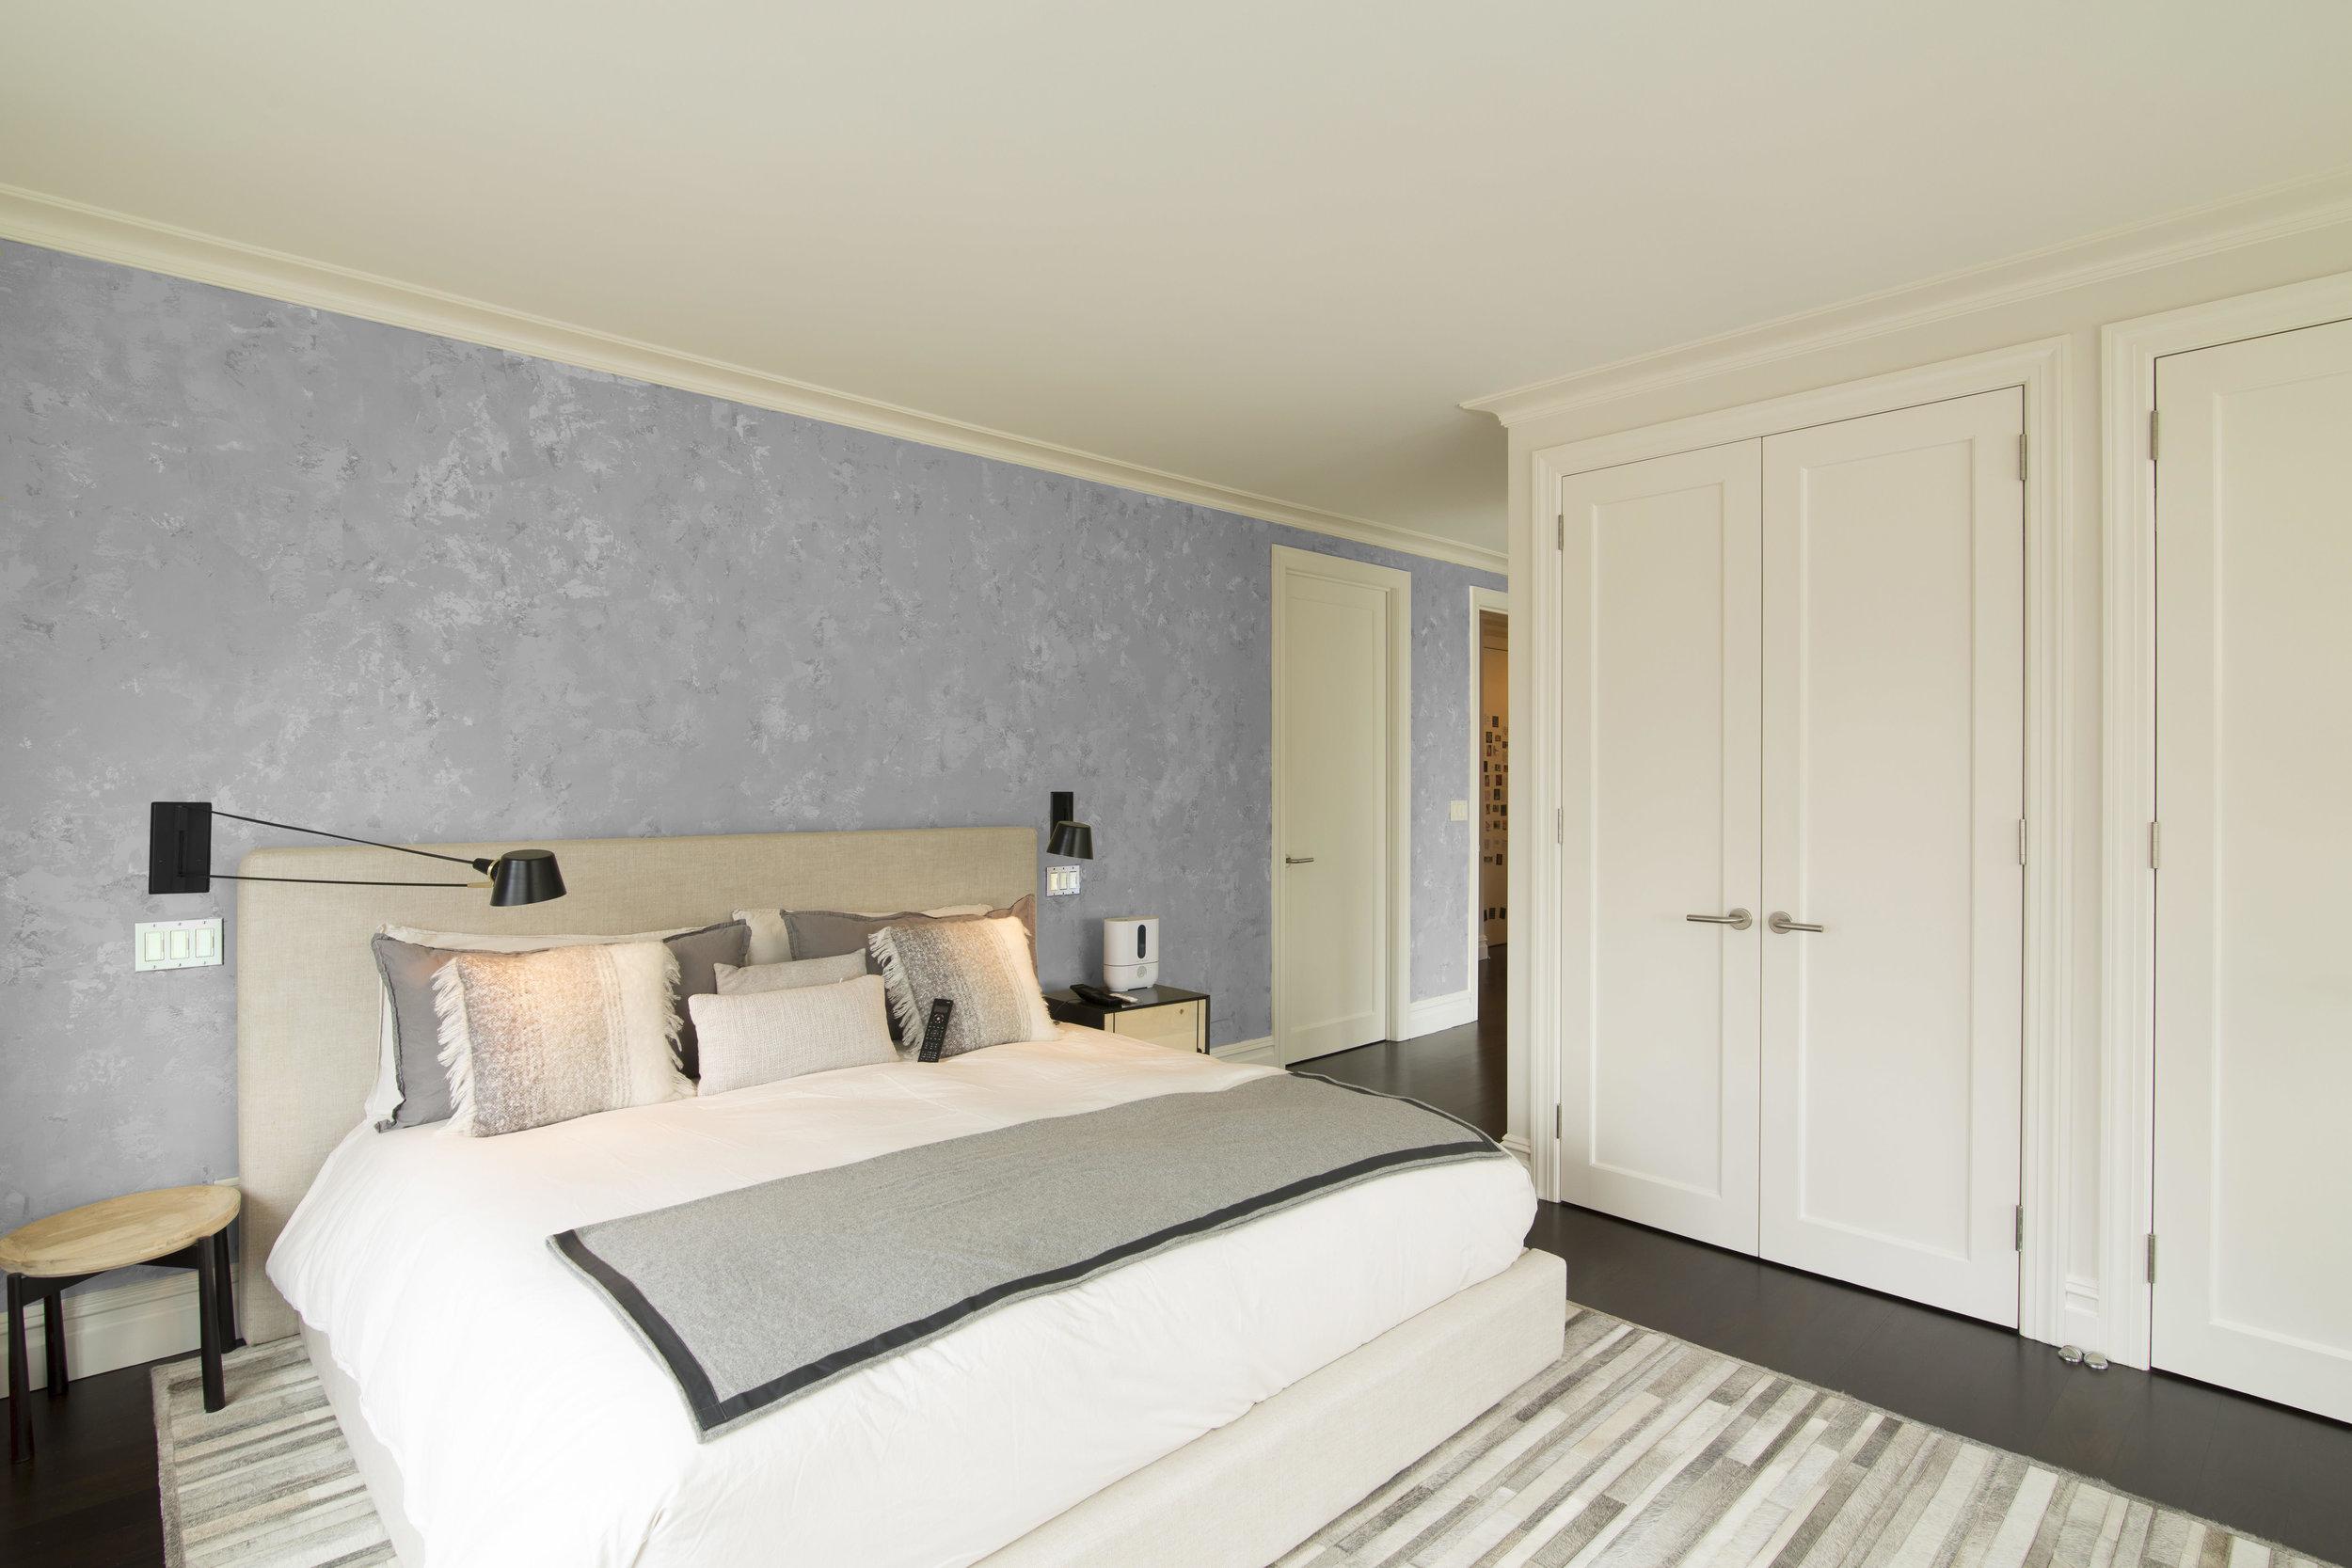 Bedroom Wall Gray.jpg